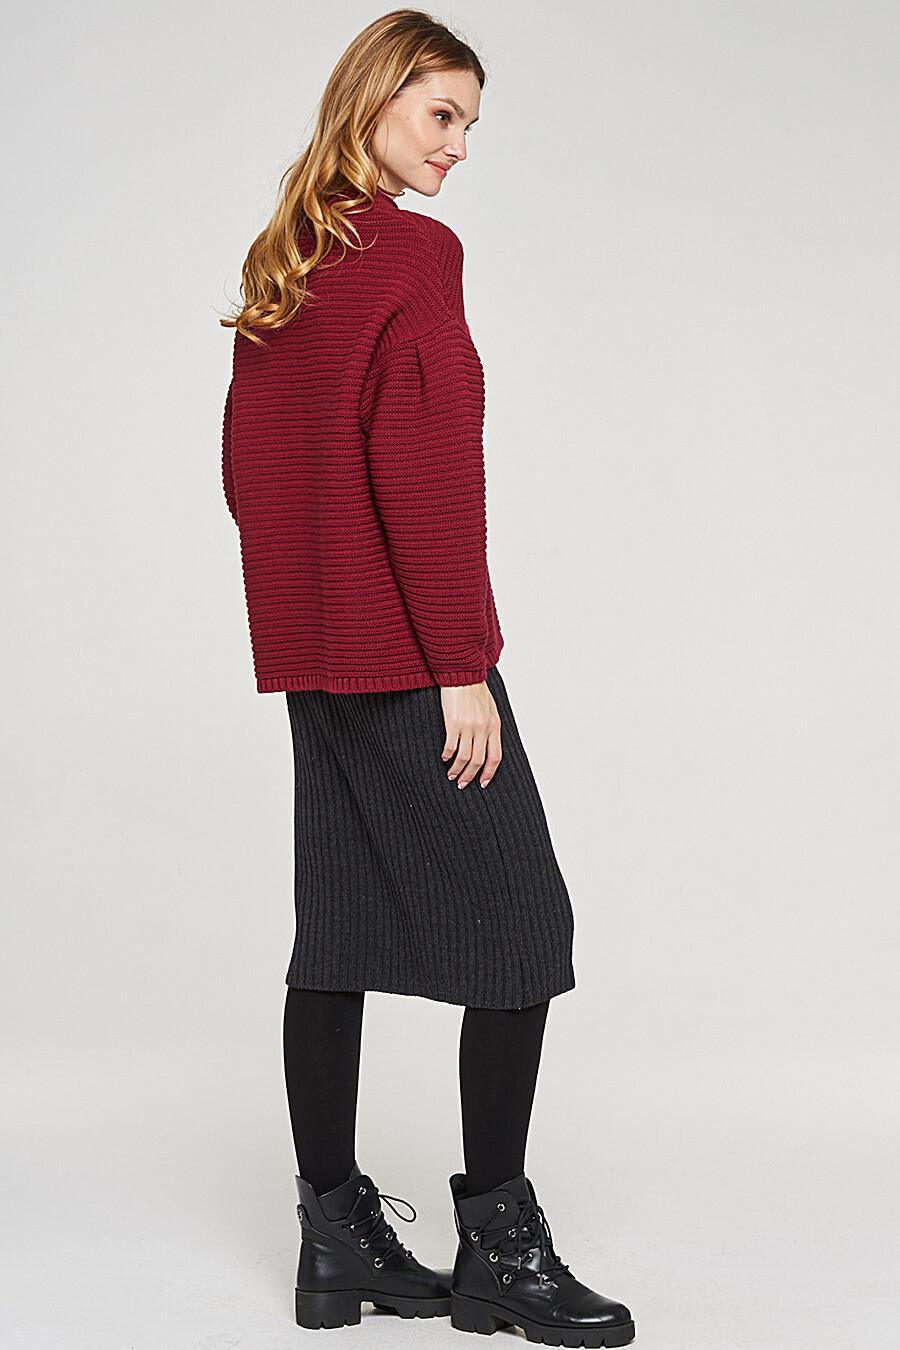 Юбка для женщин VAY 169270 купить оптом от производителя. Совместная покупка женской одежды в OptMoyo